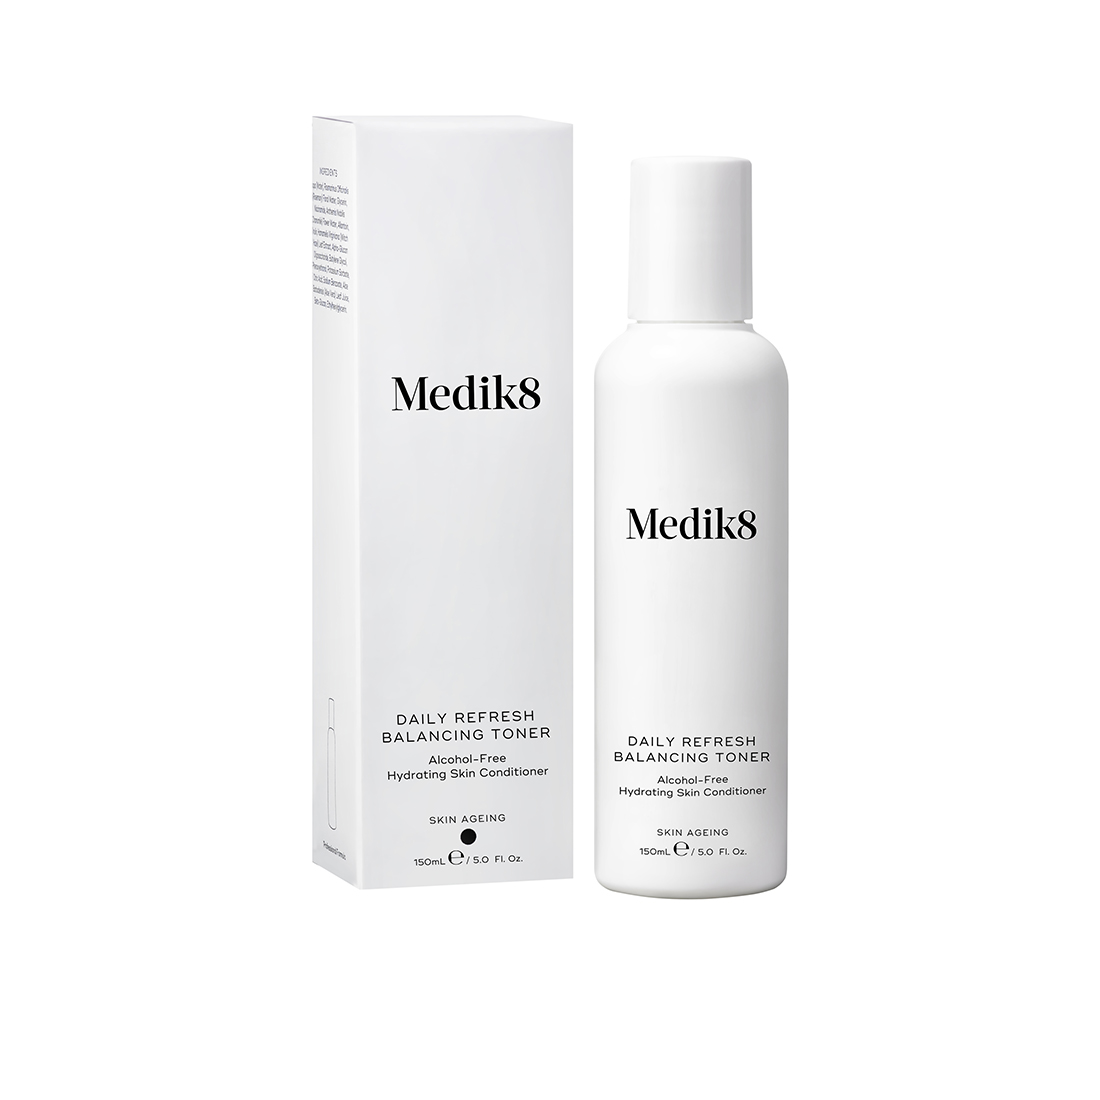 Medik8 Daily Refresh Balancing Toner 150 ml